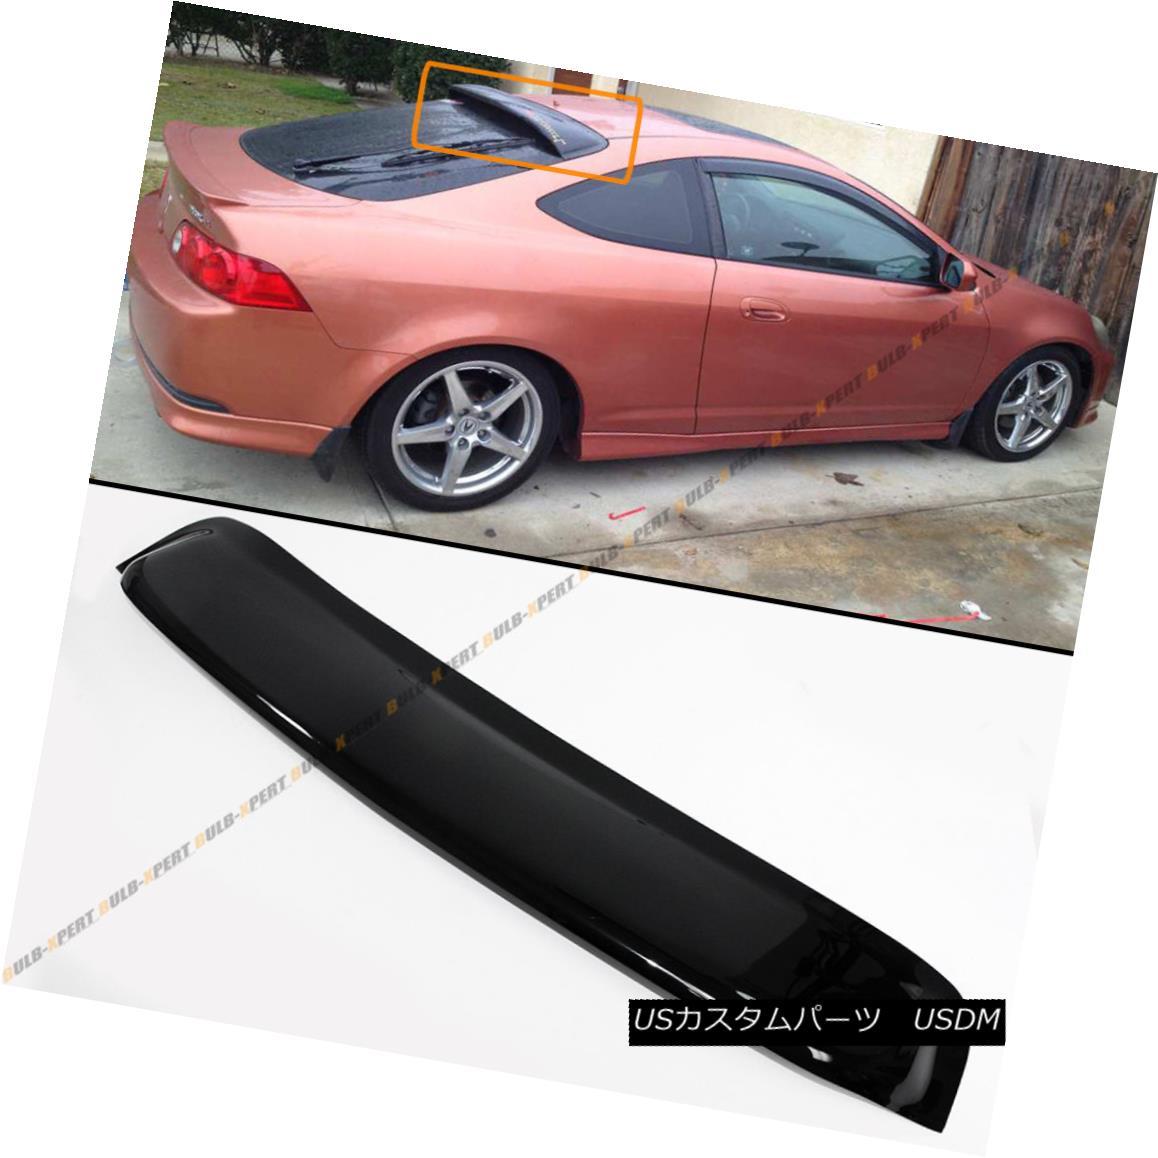 エアロパーツ For 2002-06 Acura RSX DC5 Type-S JDM Style Smoke Tinted Rear Roof Visor Spoiler 2002-06年アキュラRSX DC5タイプ-S JDMスタイルスモークティント付きリアルーフバイザースポイラー